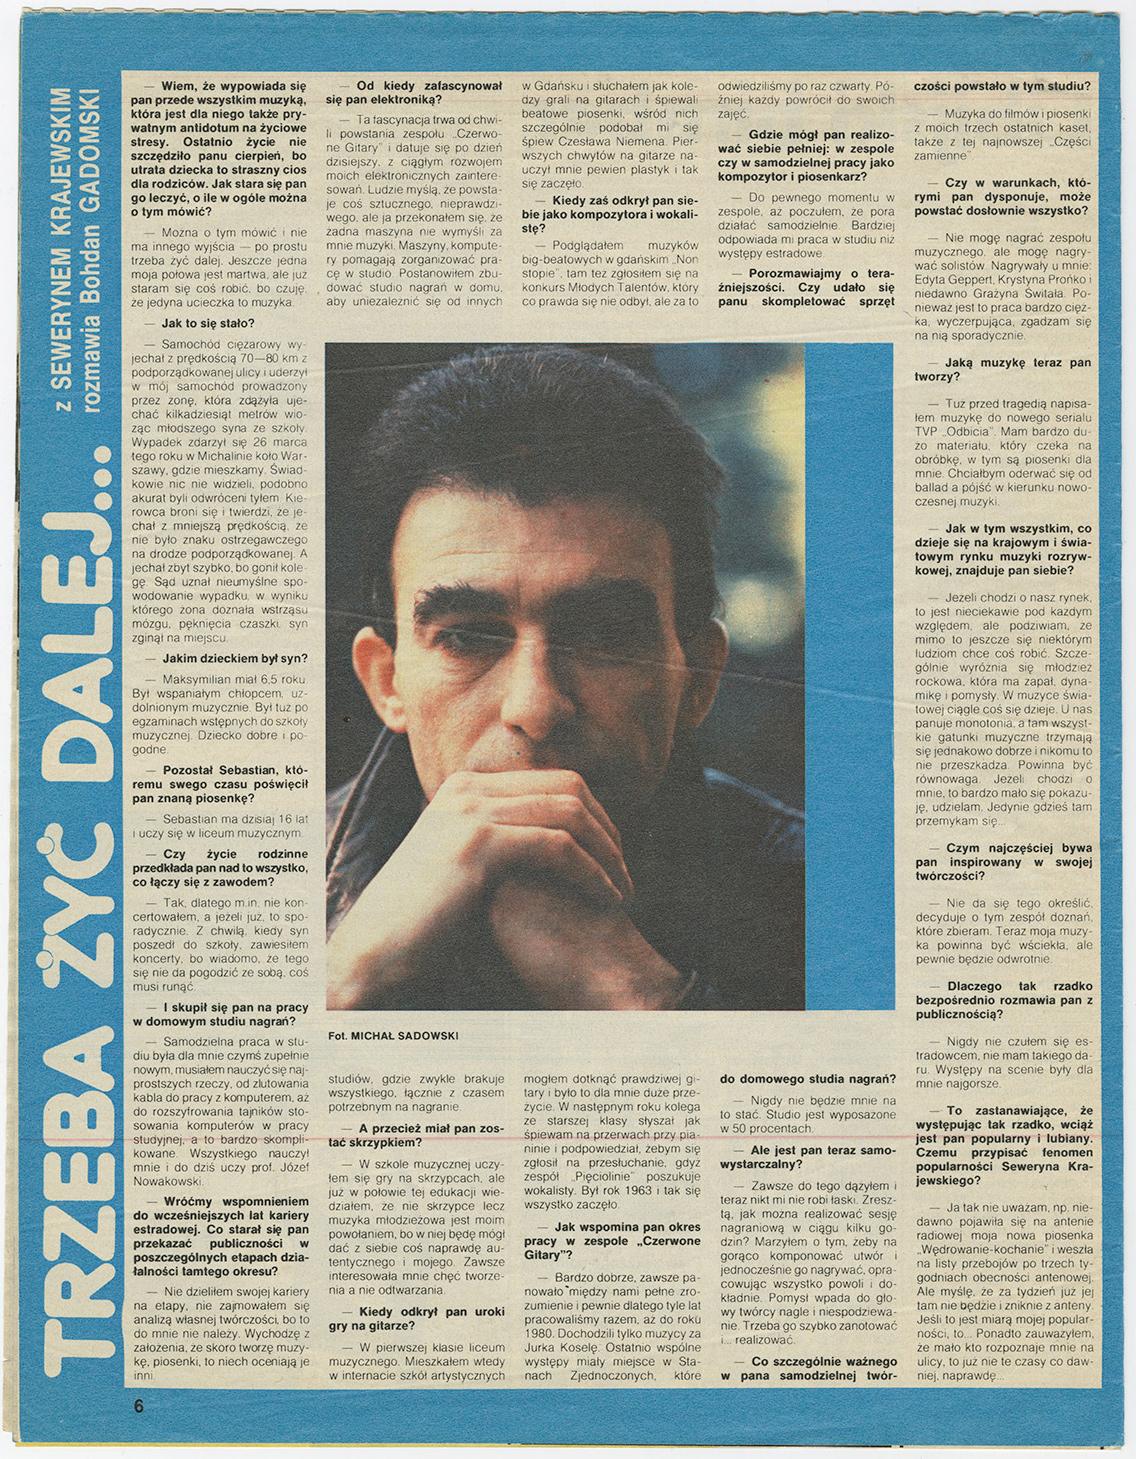 1979-1990_Tim_1990_trzeba_zyc_dalej